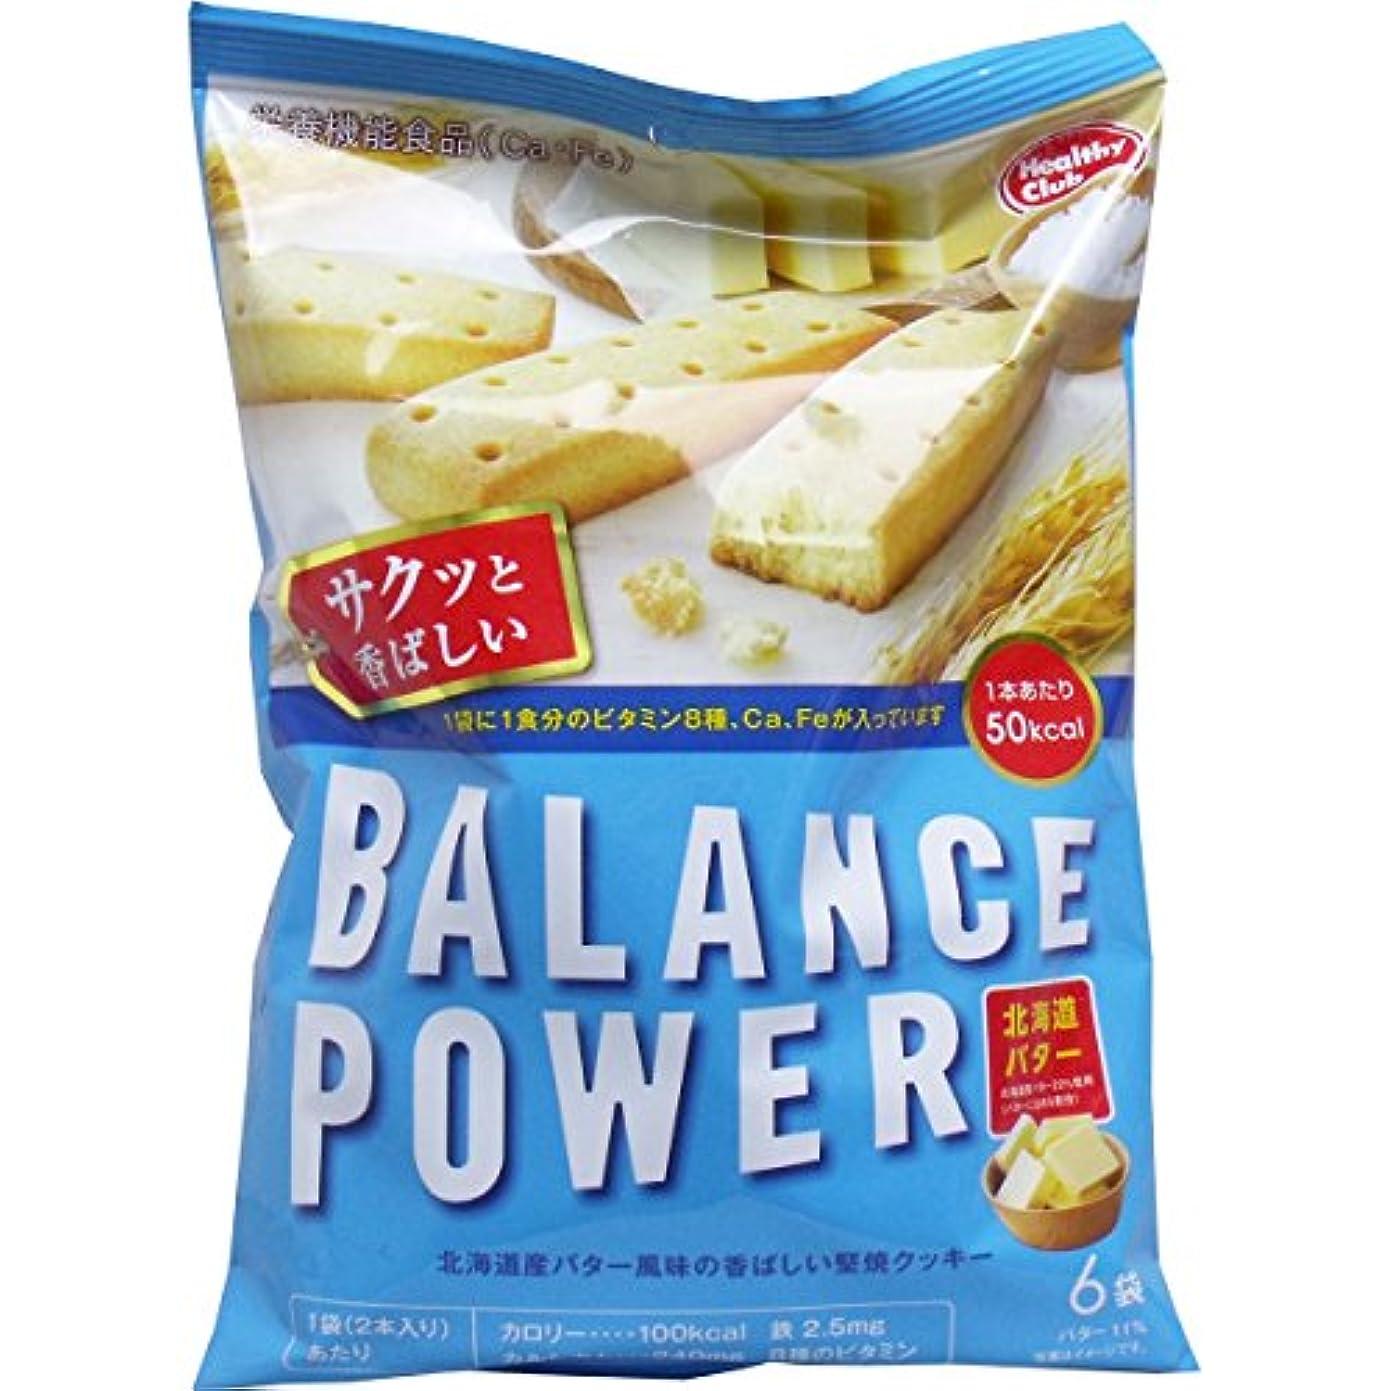 専門用語摘むクランプバランスパワー 北海道バター味 6袋(12本)入